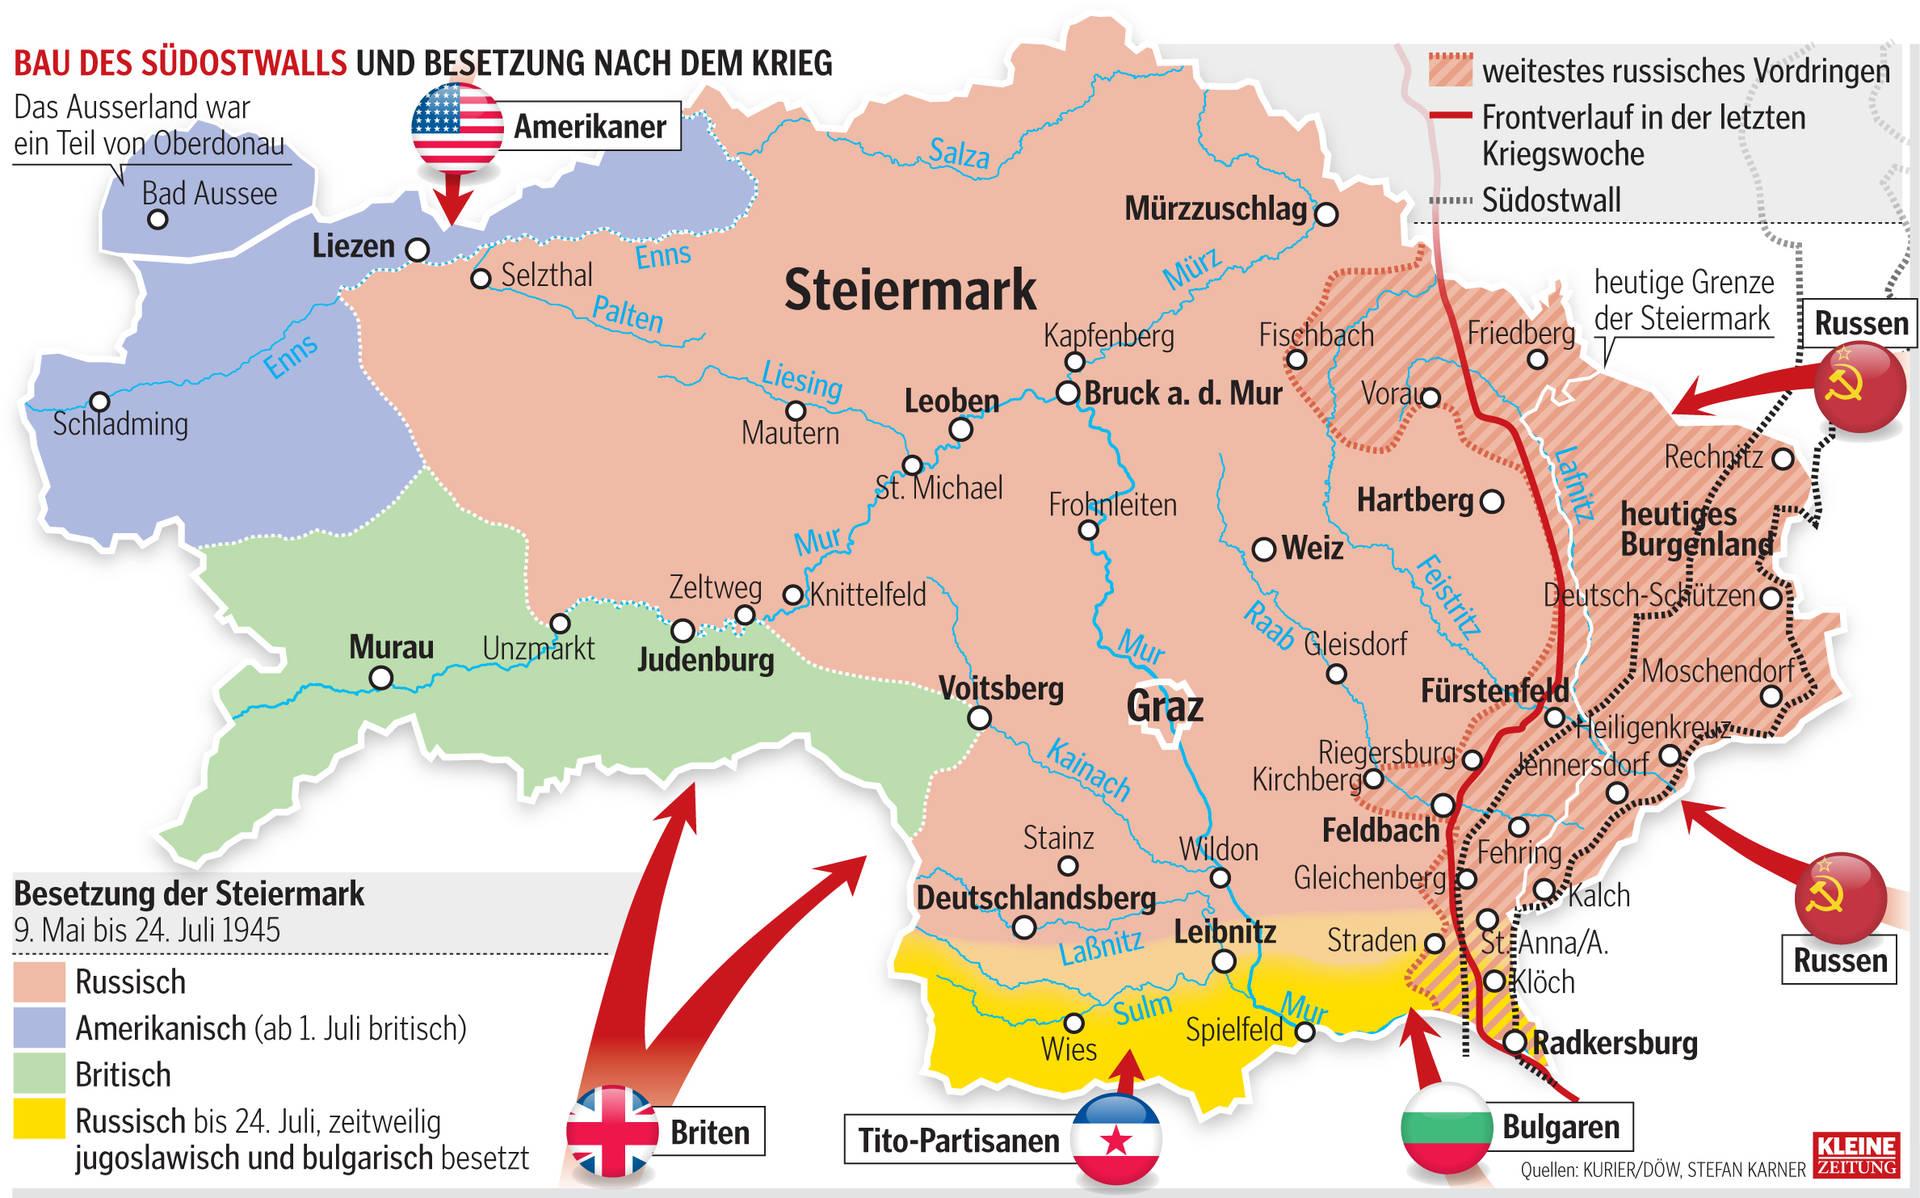 Schlachtfelder Des 2 Weltkriegs Karte.Der Krieg In Der Steiermark Kleinezeitung At